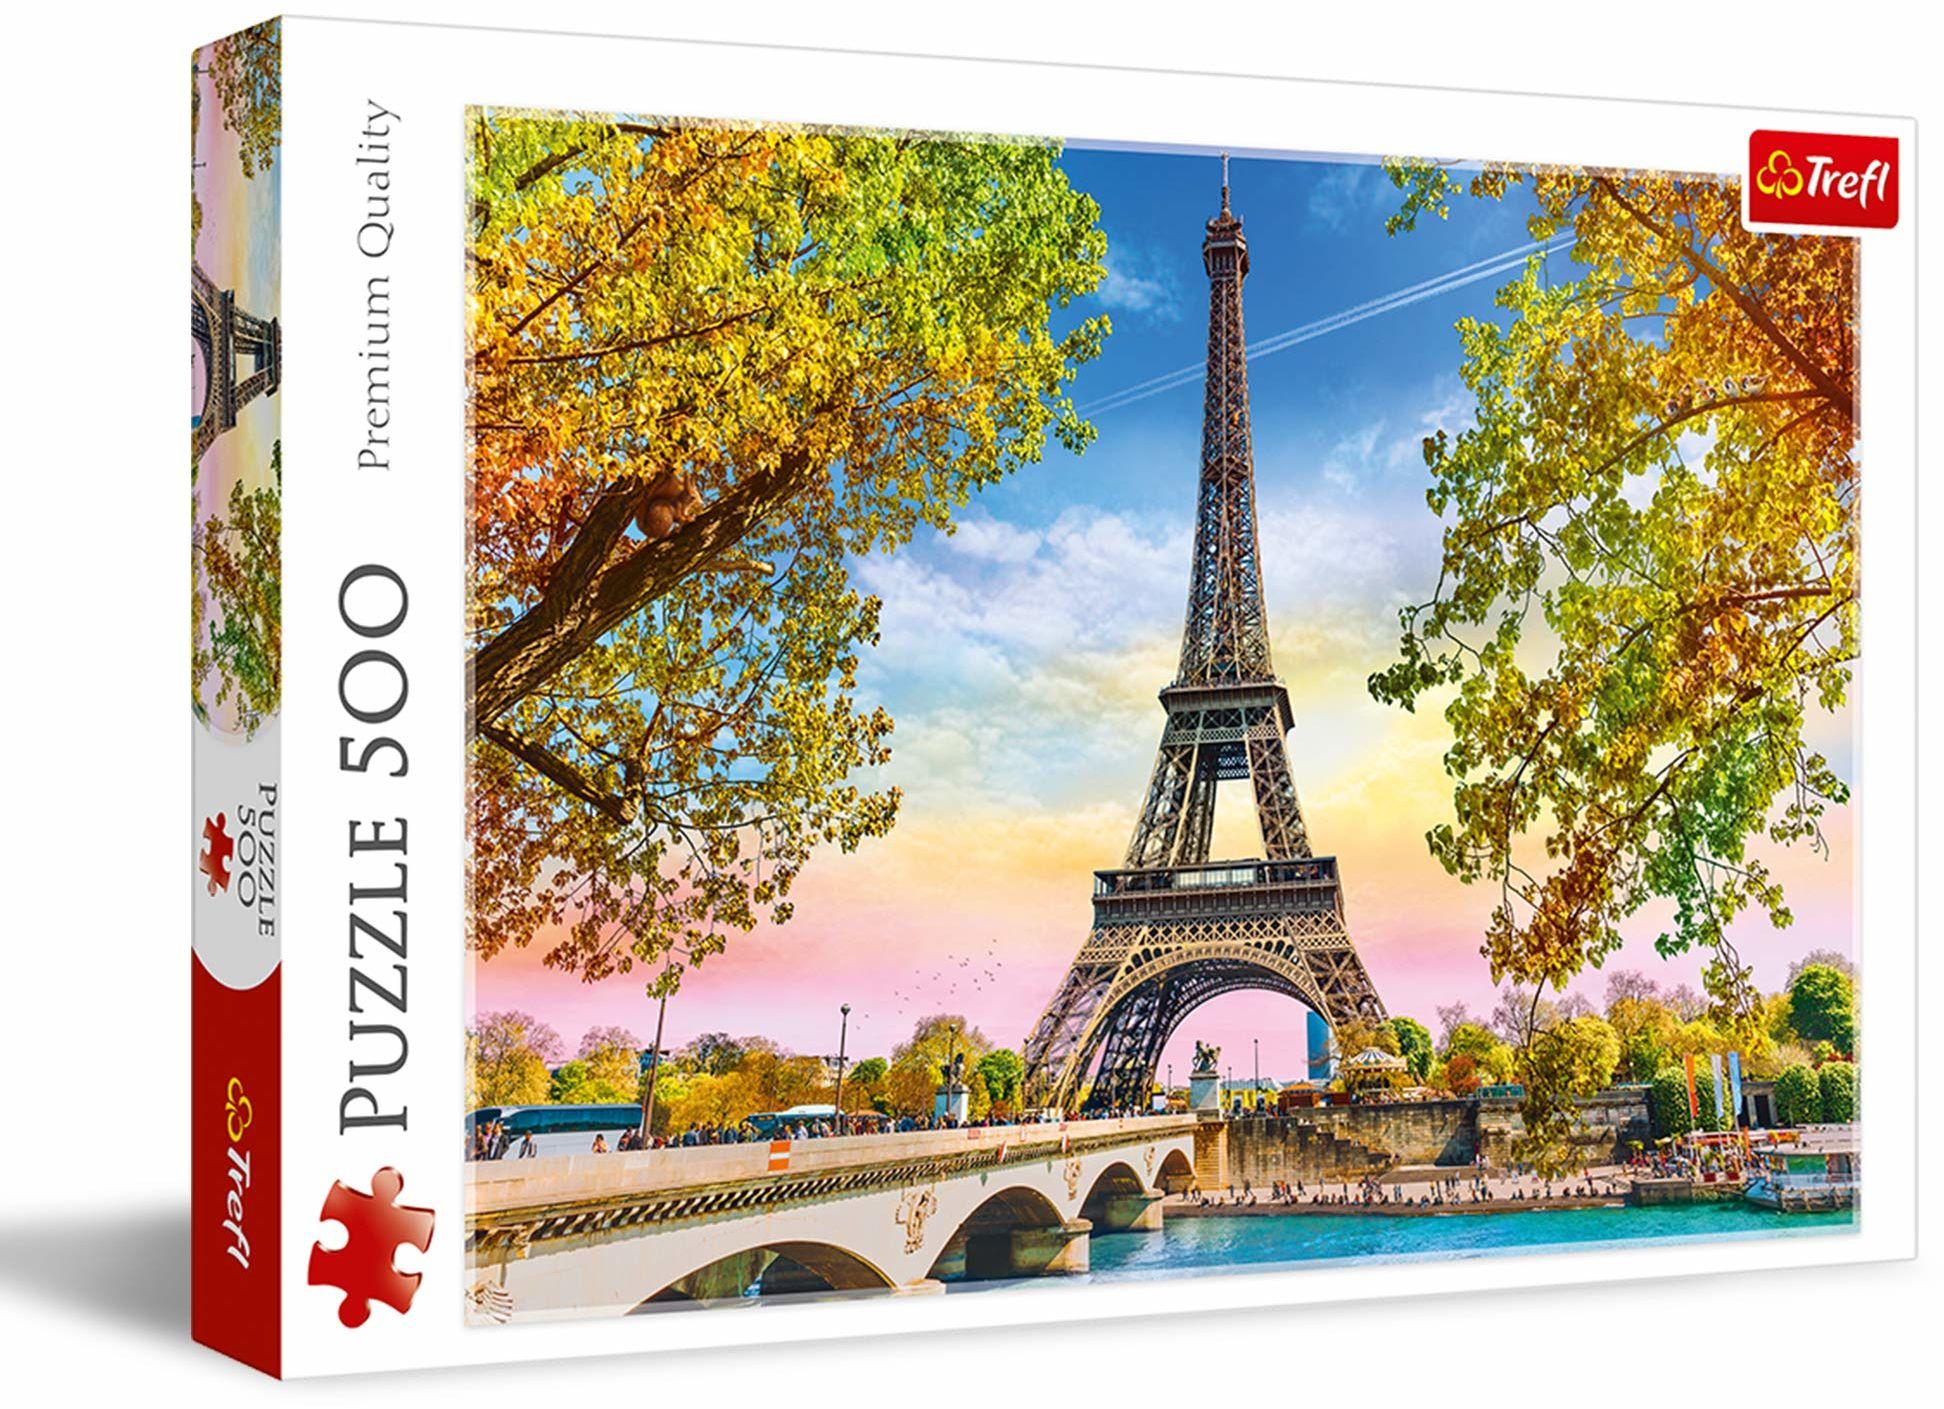 Trefl Romantyczny Paryż Puzzle 500 Elementów o Wysokiej Jakości Nadruku dla Dorosłych i Dzieci od 10 lat